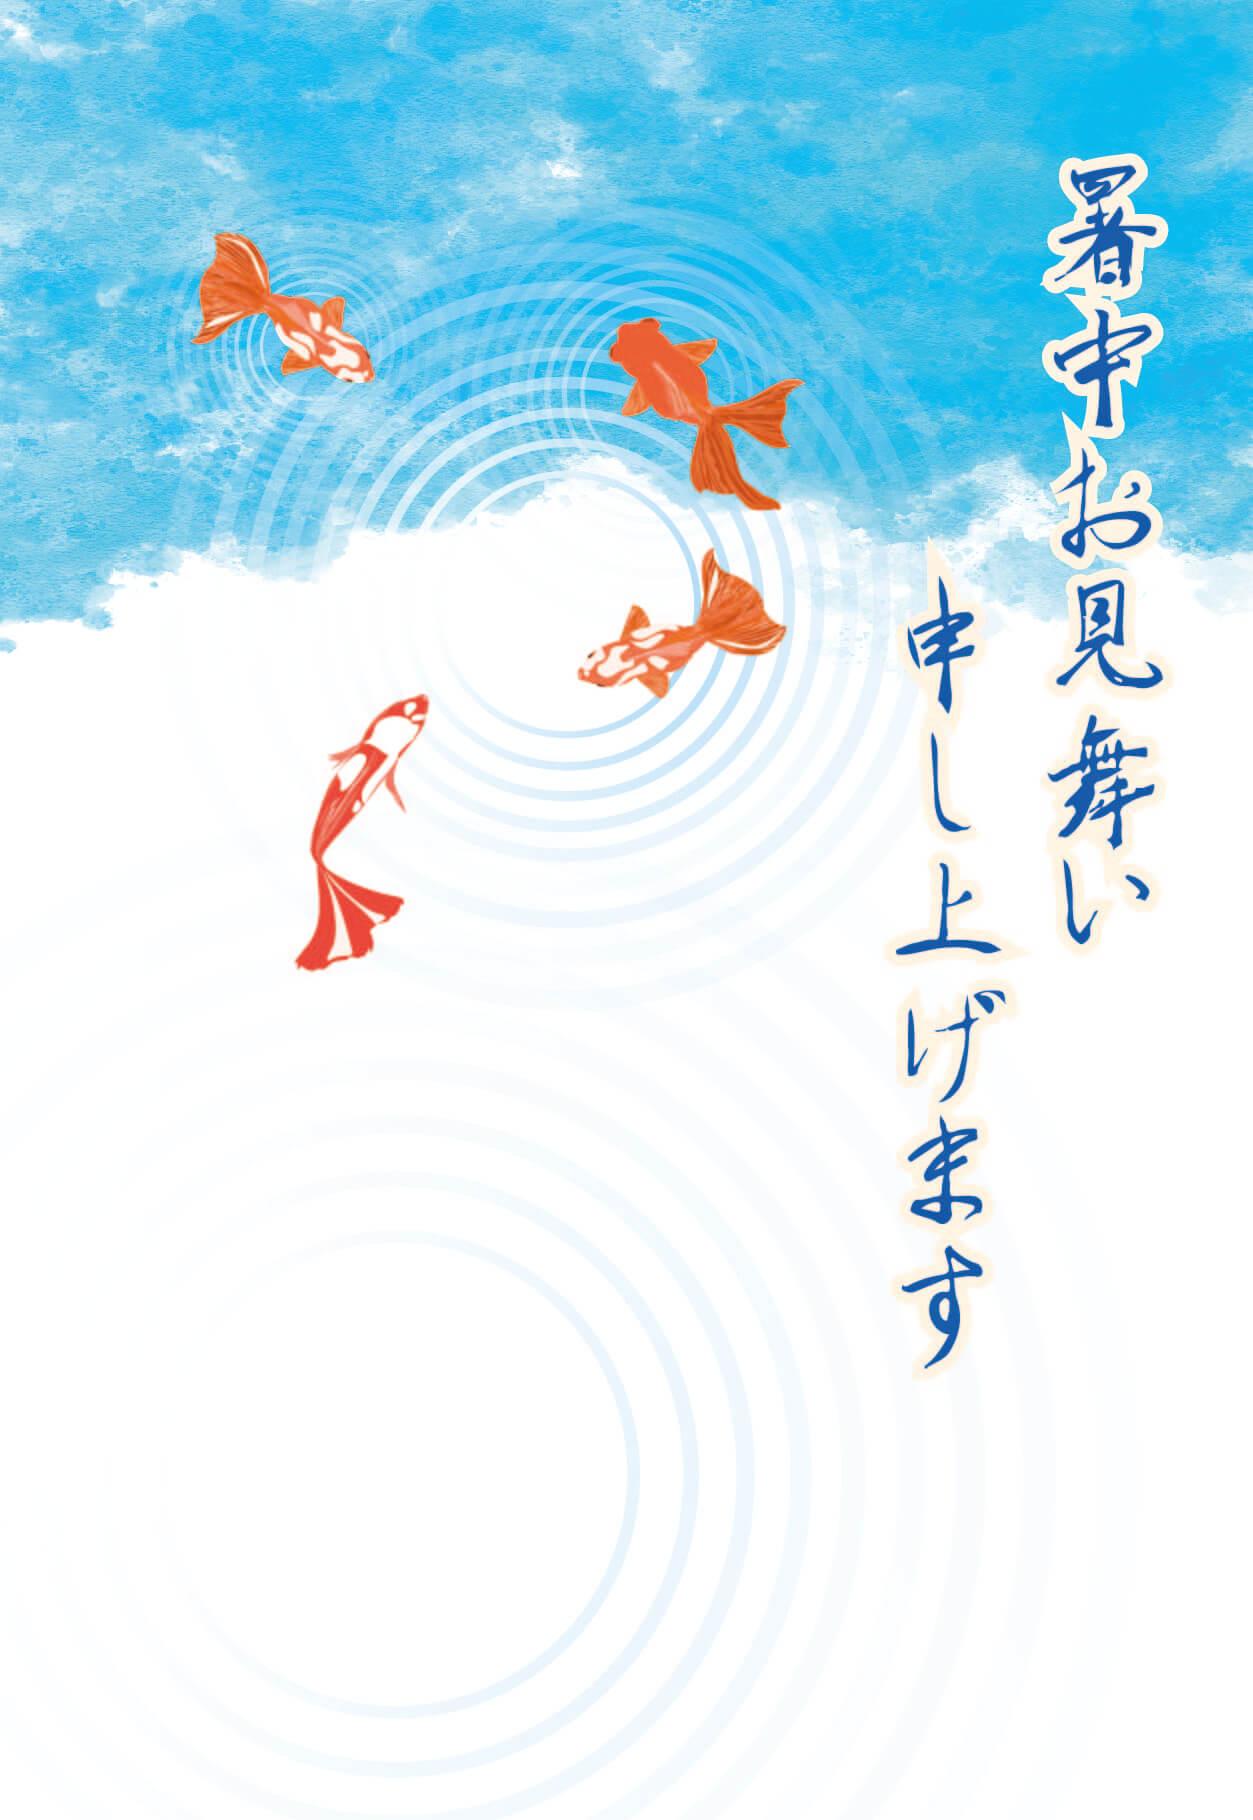 金魚と青空の暑中見舞い